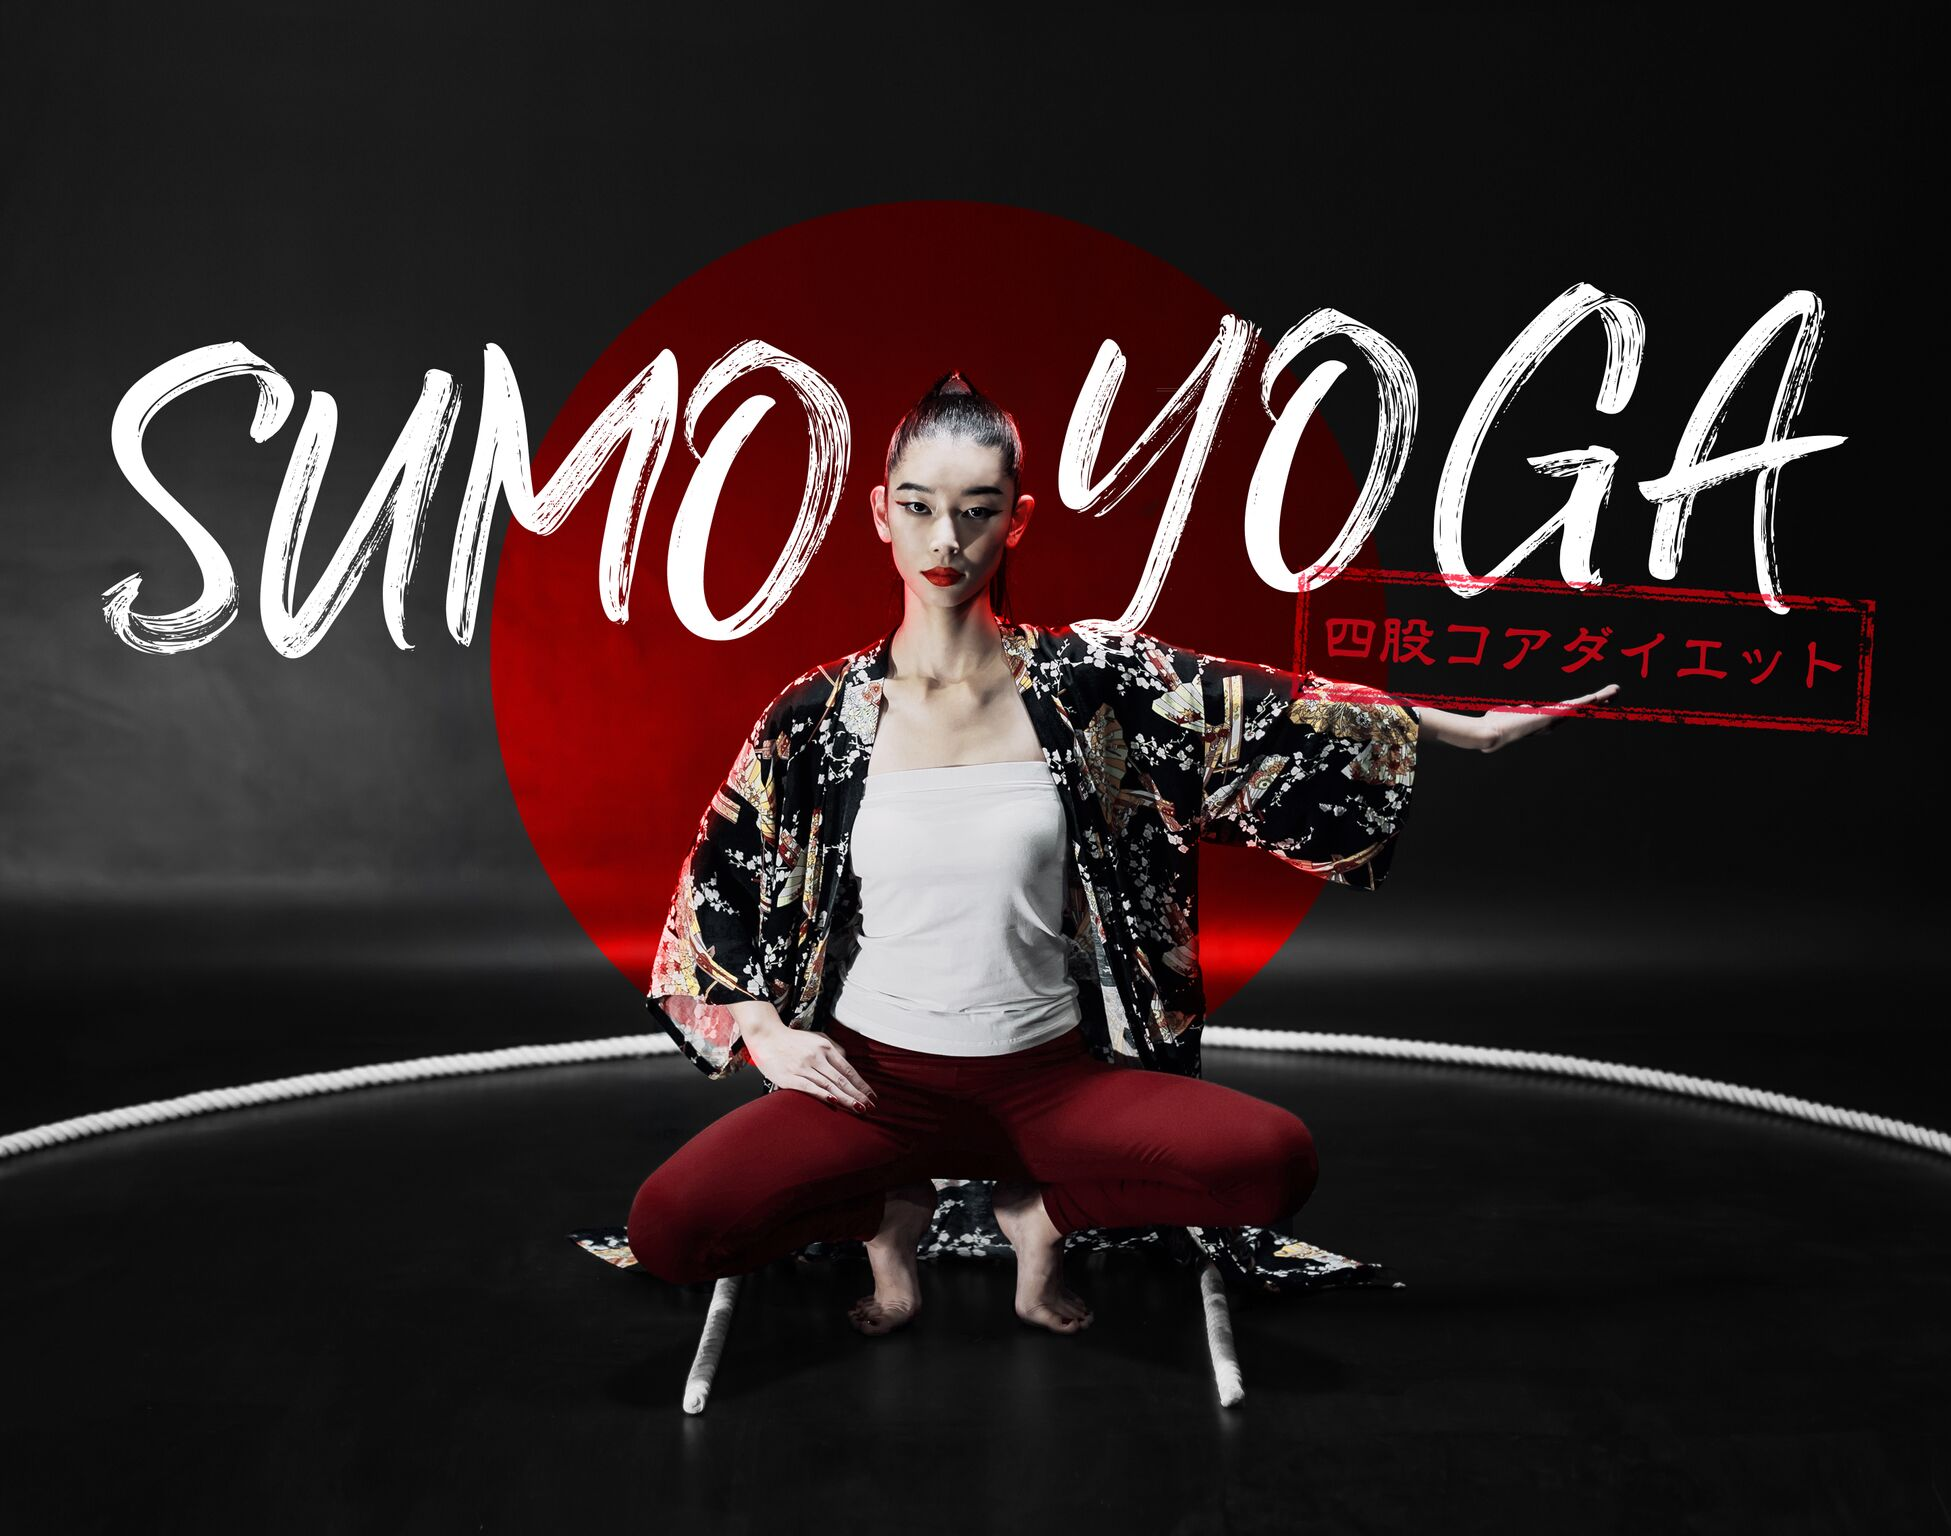 四股のポーズで下半身を鍛える! 相撲とヨガの融合「SUMO YOGA」